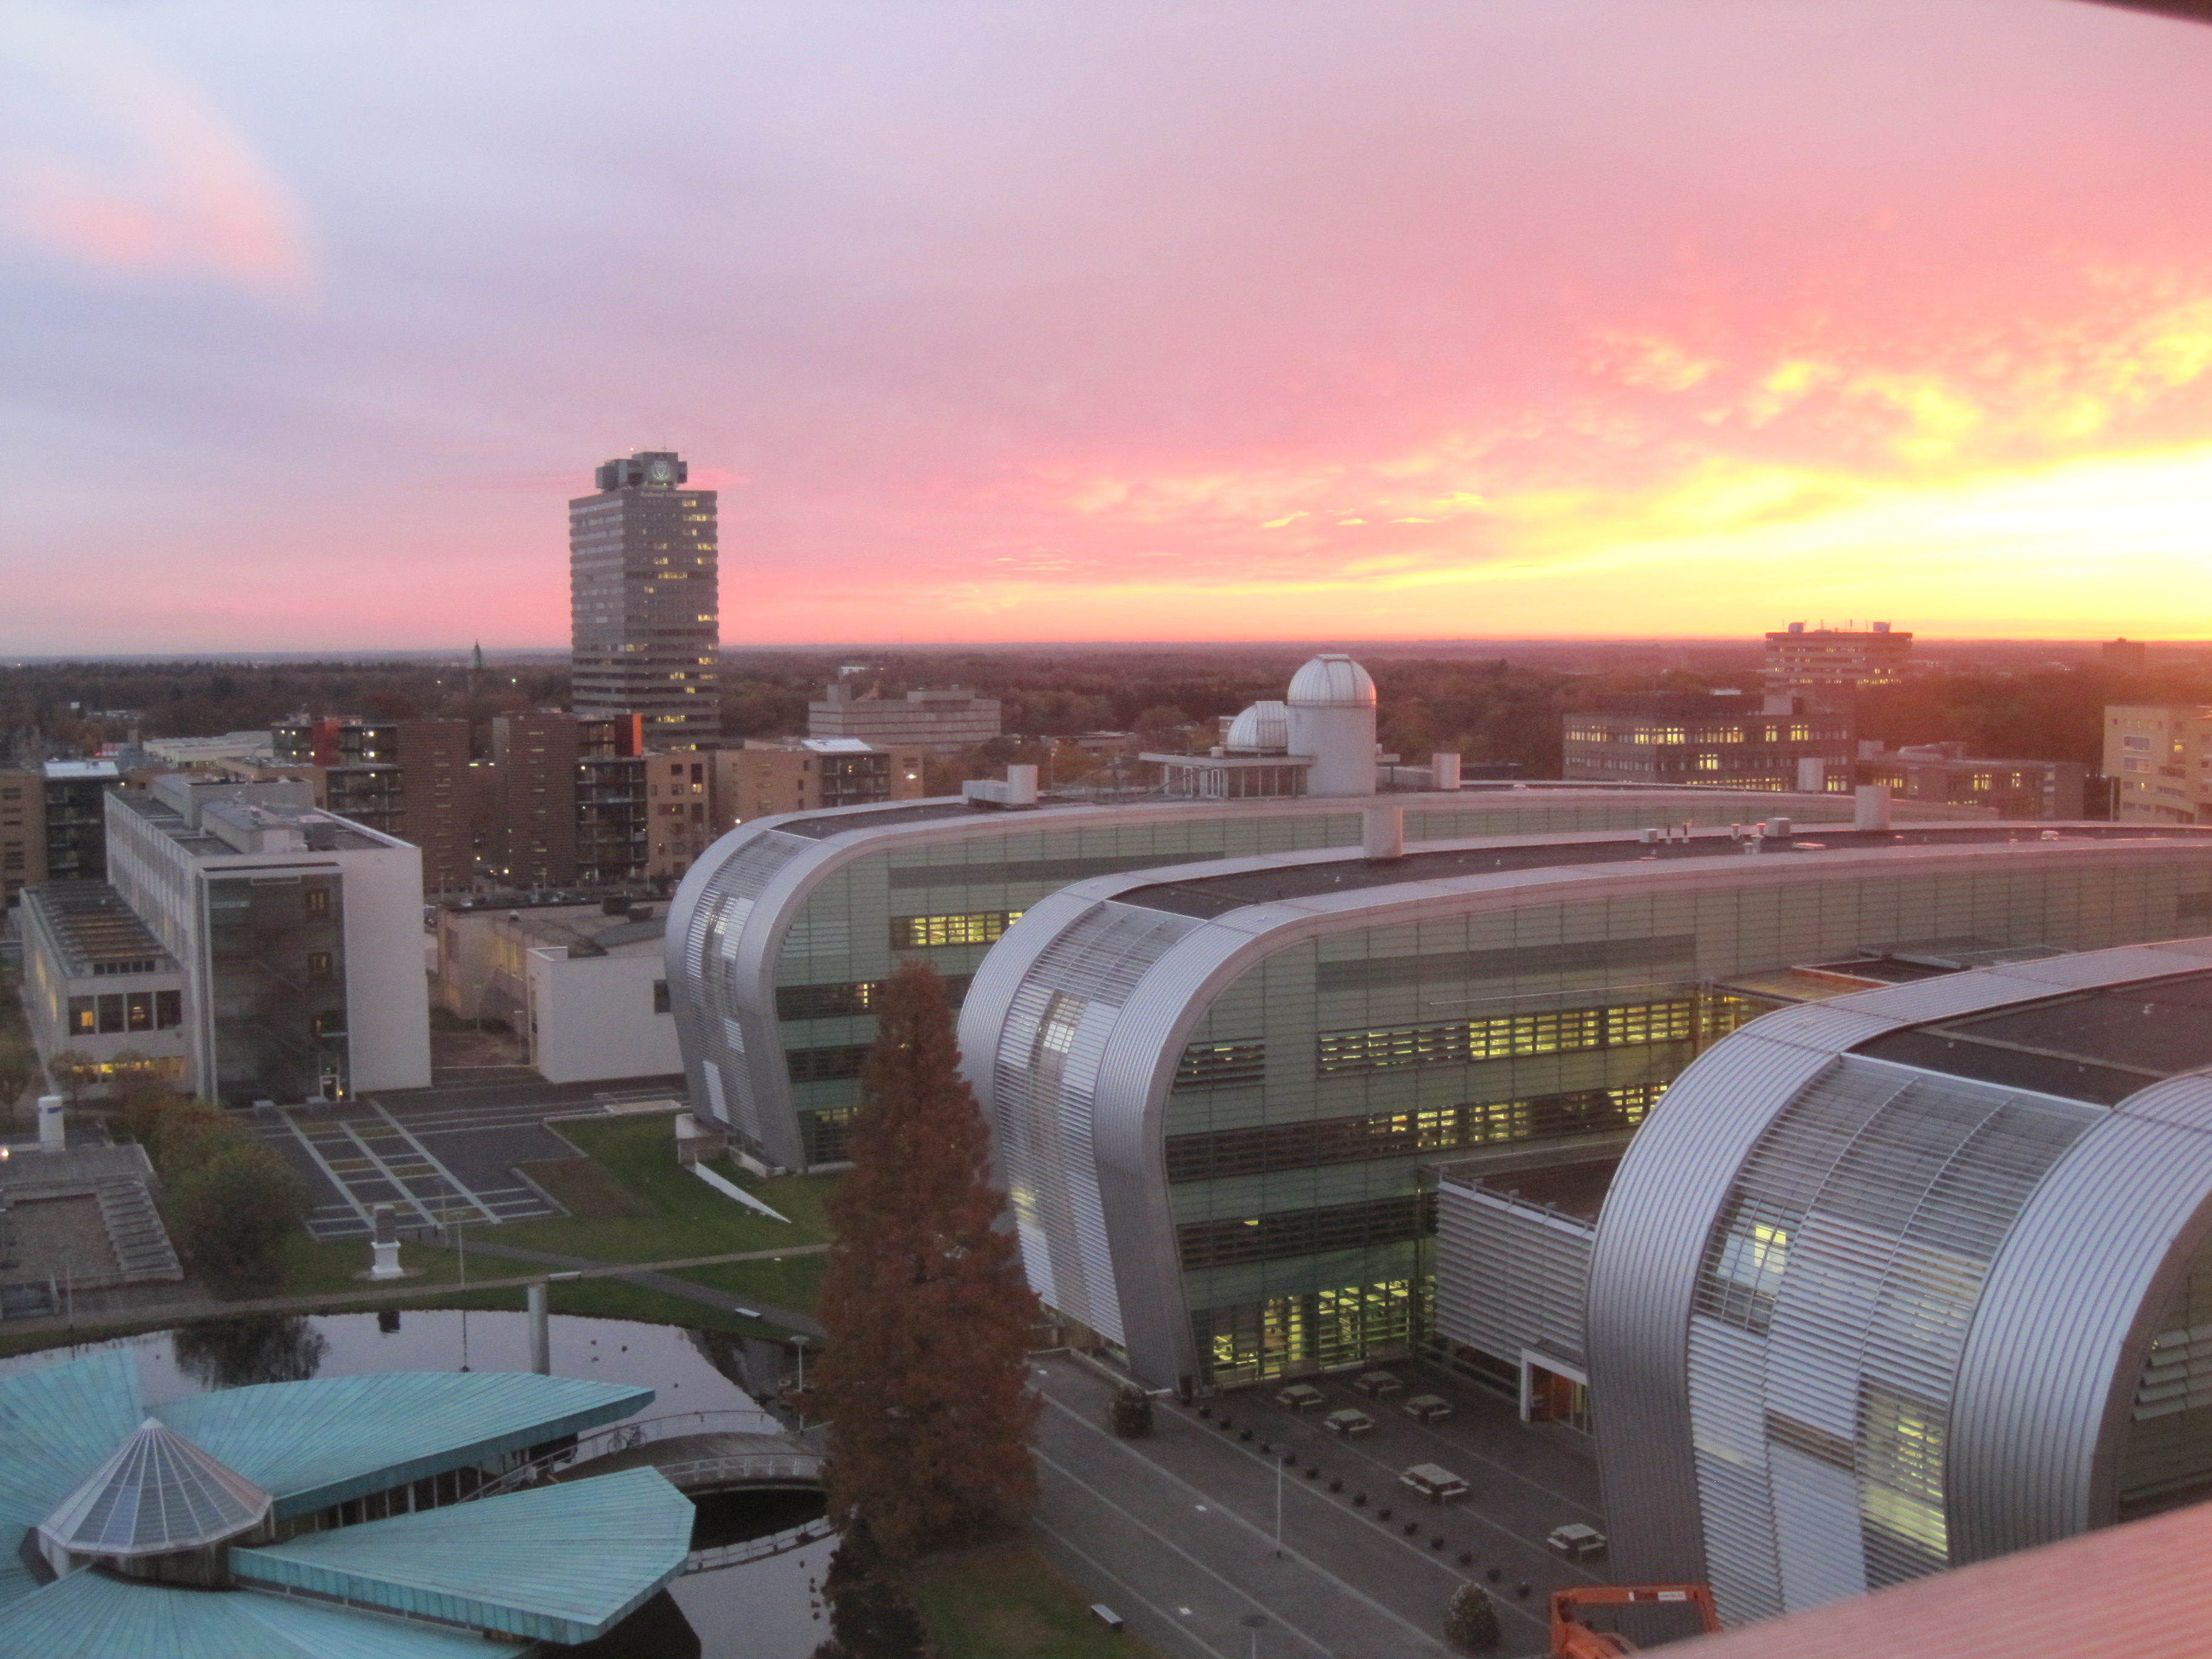 Radboud_University_Nijmegen